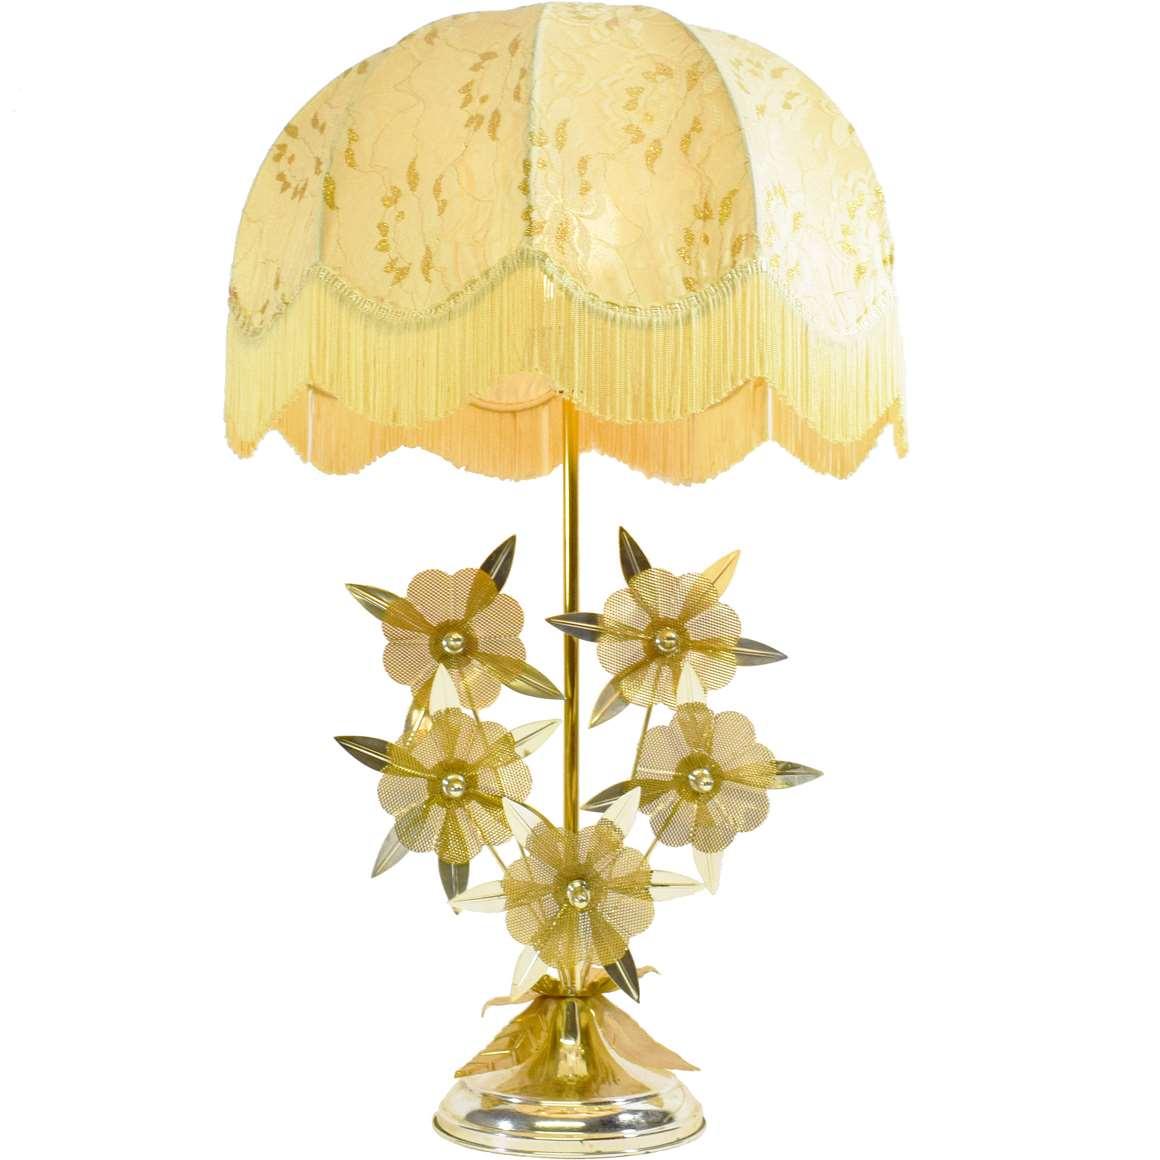 Flower Kitsch Table Lamp